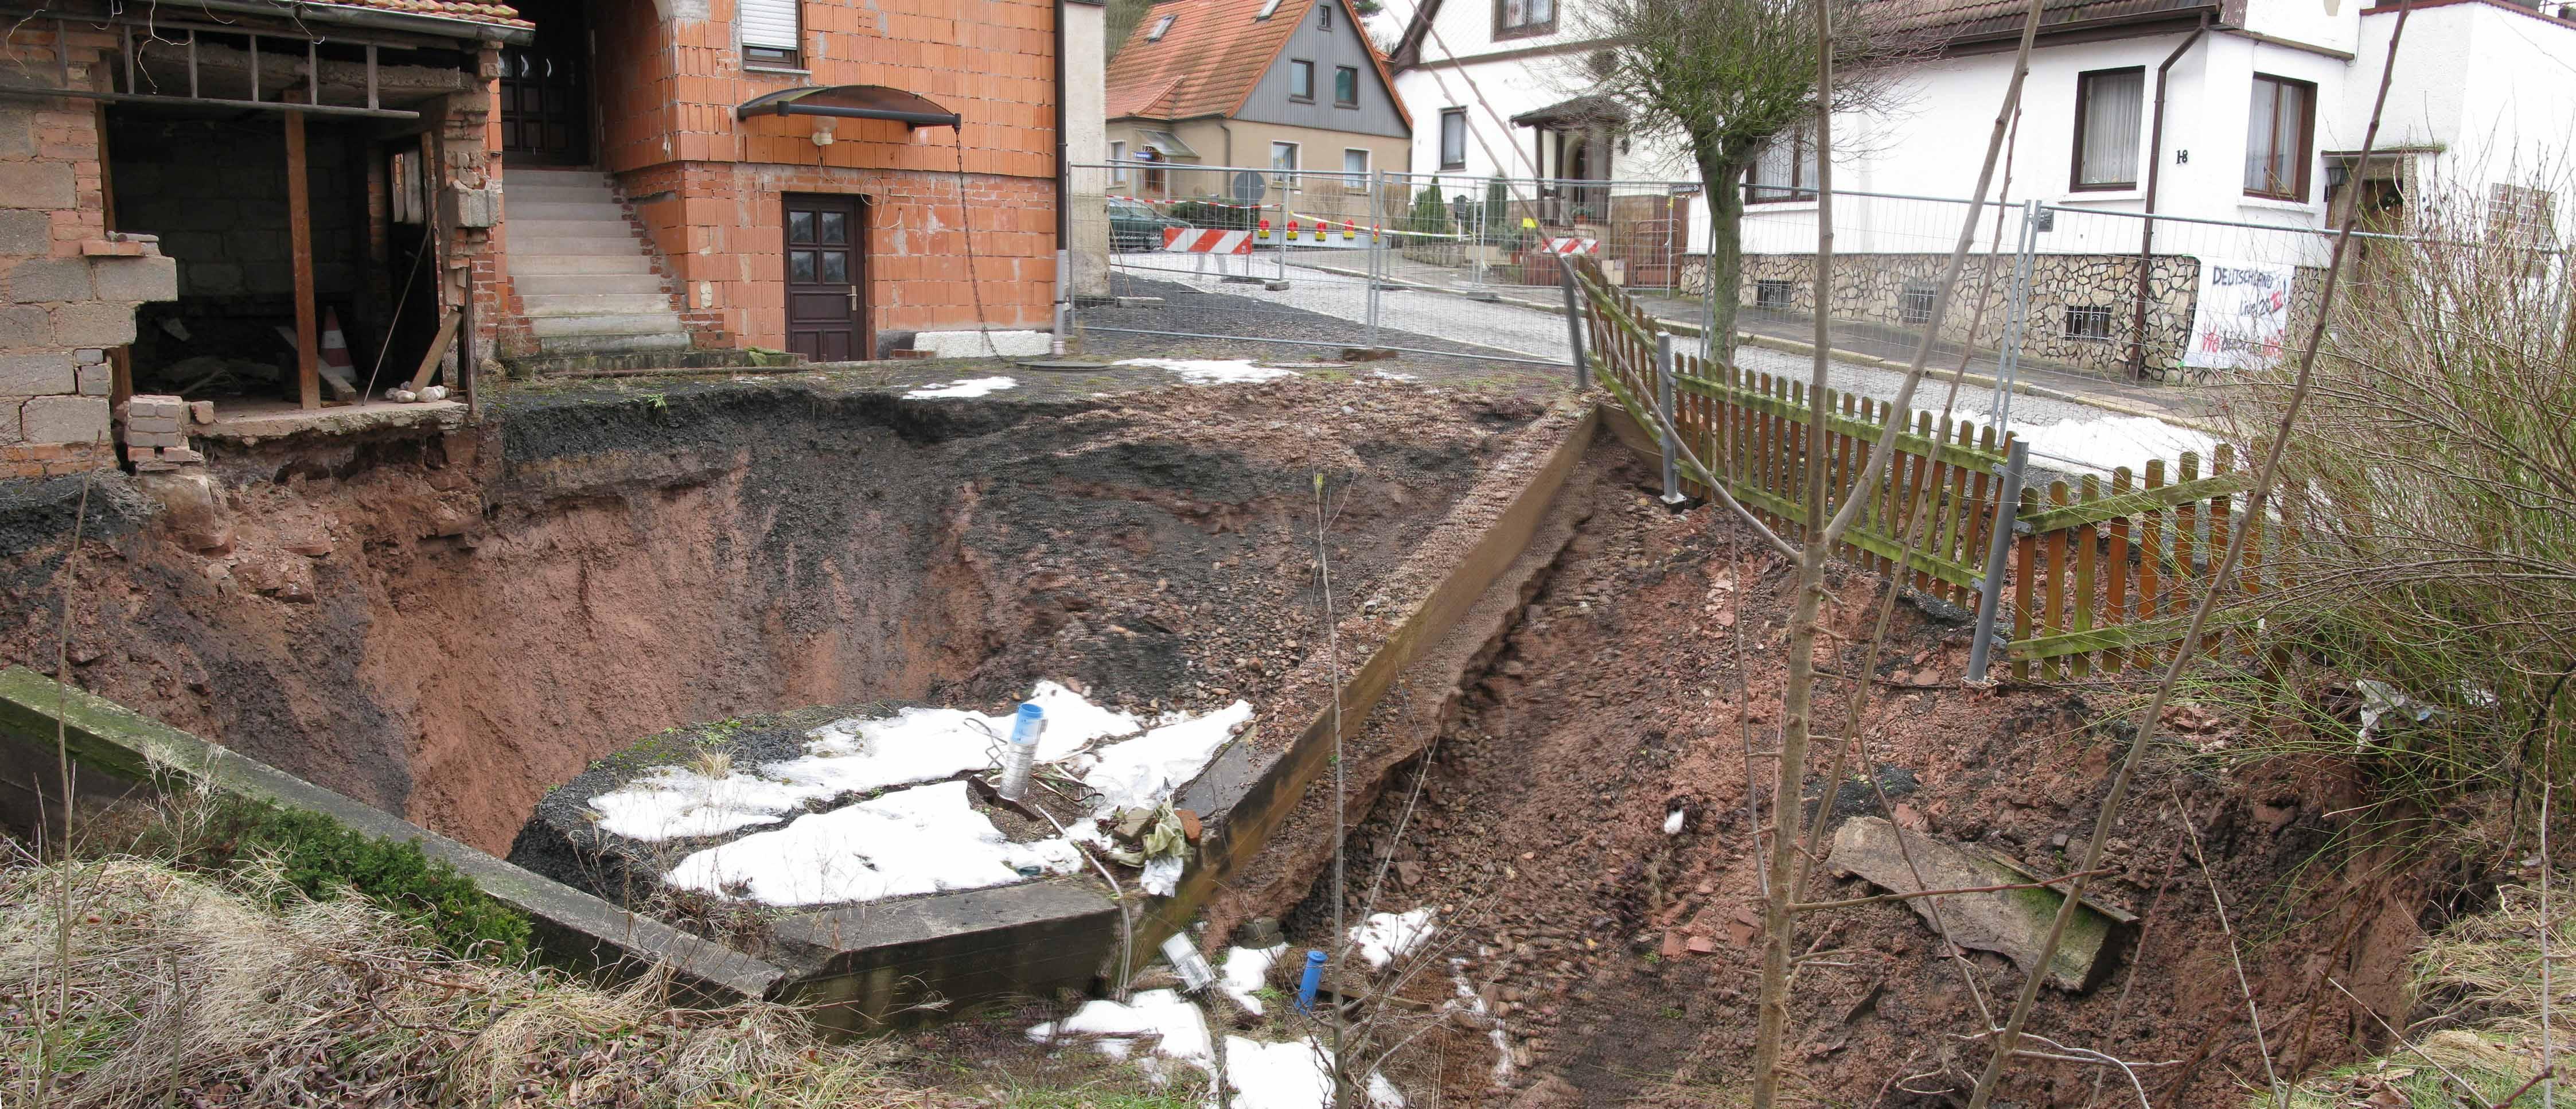 Blick in den Nachbruch des Erdfalles Tiefenort am 25. Februar 2010. Die in der Mitte sichtbare, inzwischen zerkleinerte Betonplombe mit dem verstürzten und damit unbrauchbaren Erdfallpegel Nr.1/2005 gibt einen Eindruck vom Durchmesser des Ersteinbruches vom Februar 2002 und der seither eingetretenen Erweiterung (Thüringer Landesanstalt für Umwelt und Geologie)